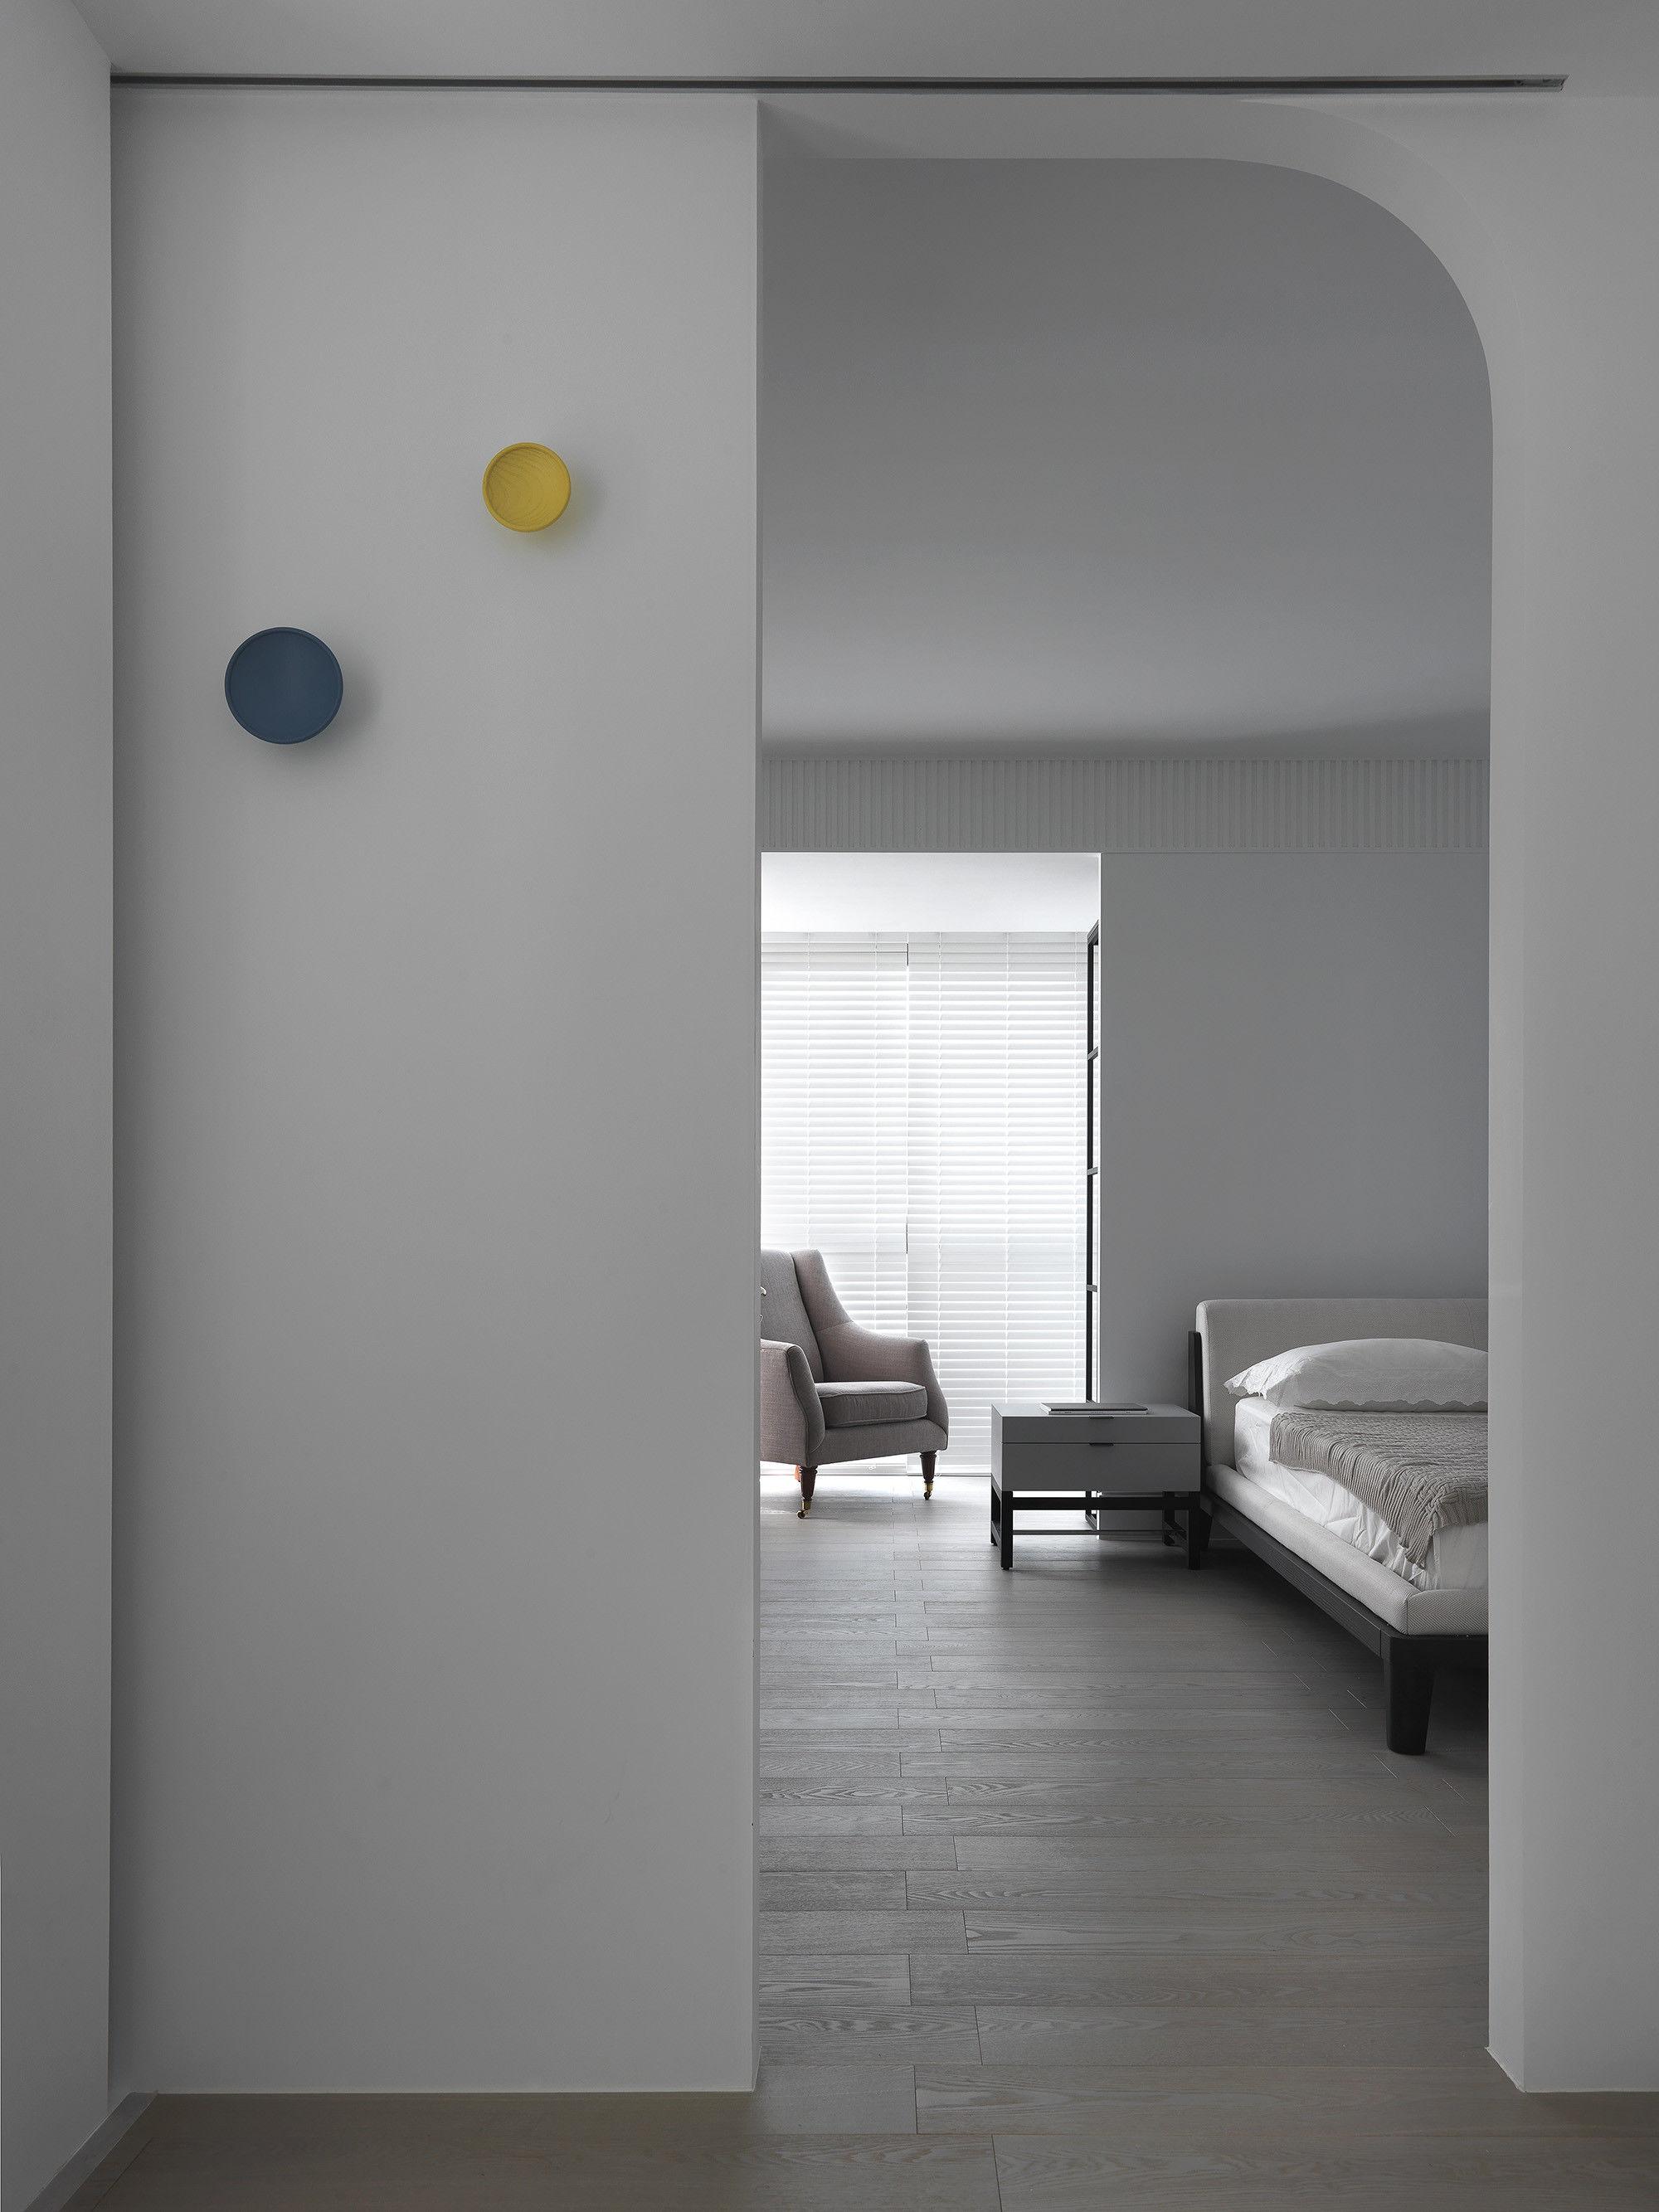 台中 分子室內裝修設計 - 單層電梯大樓 - 現代風住宅設計 - 全室舊屋翻新 - 臥室弧形